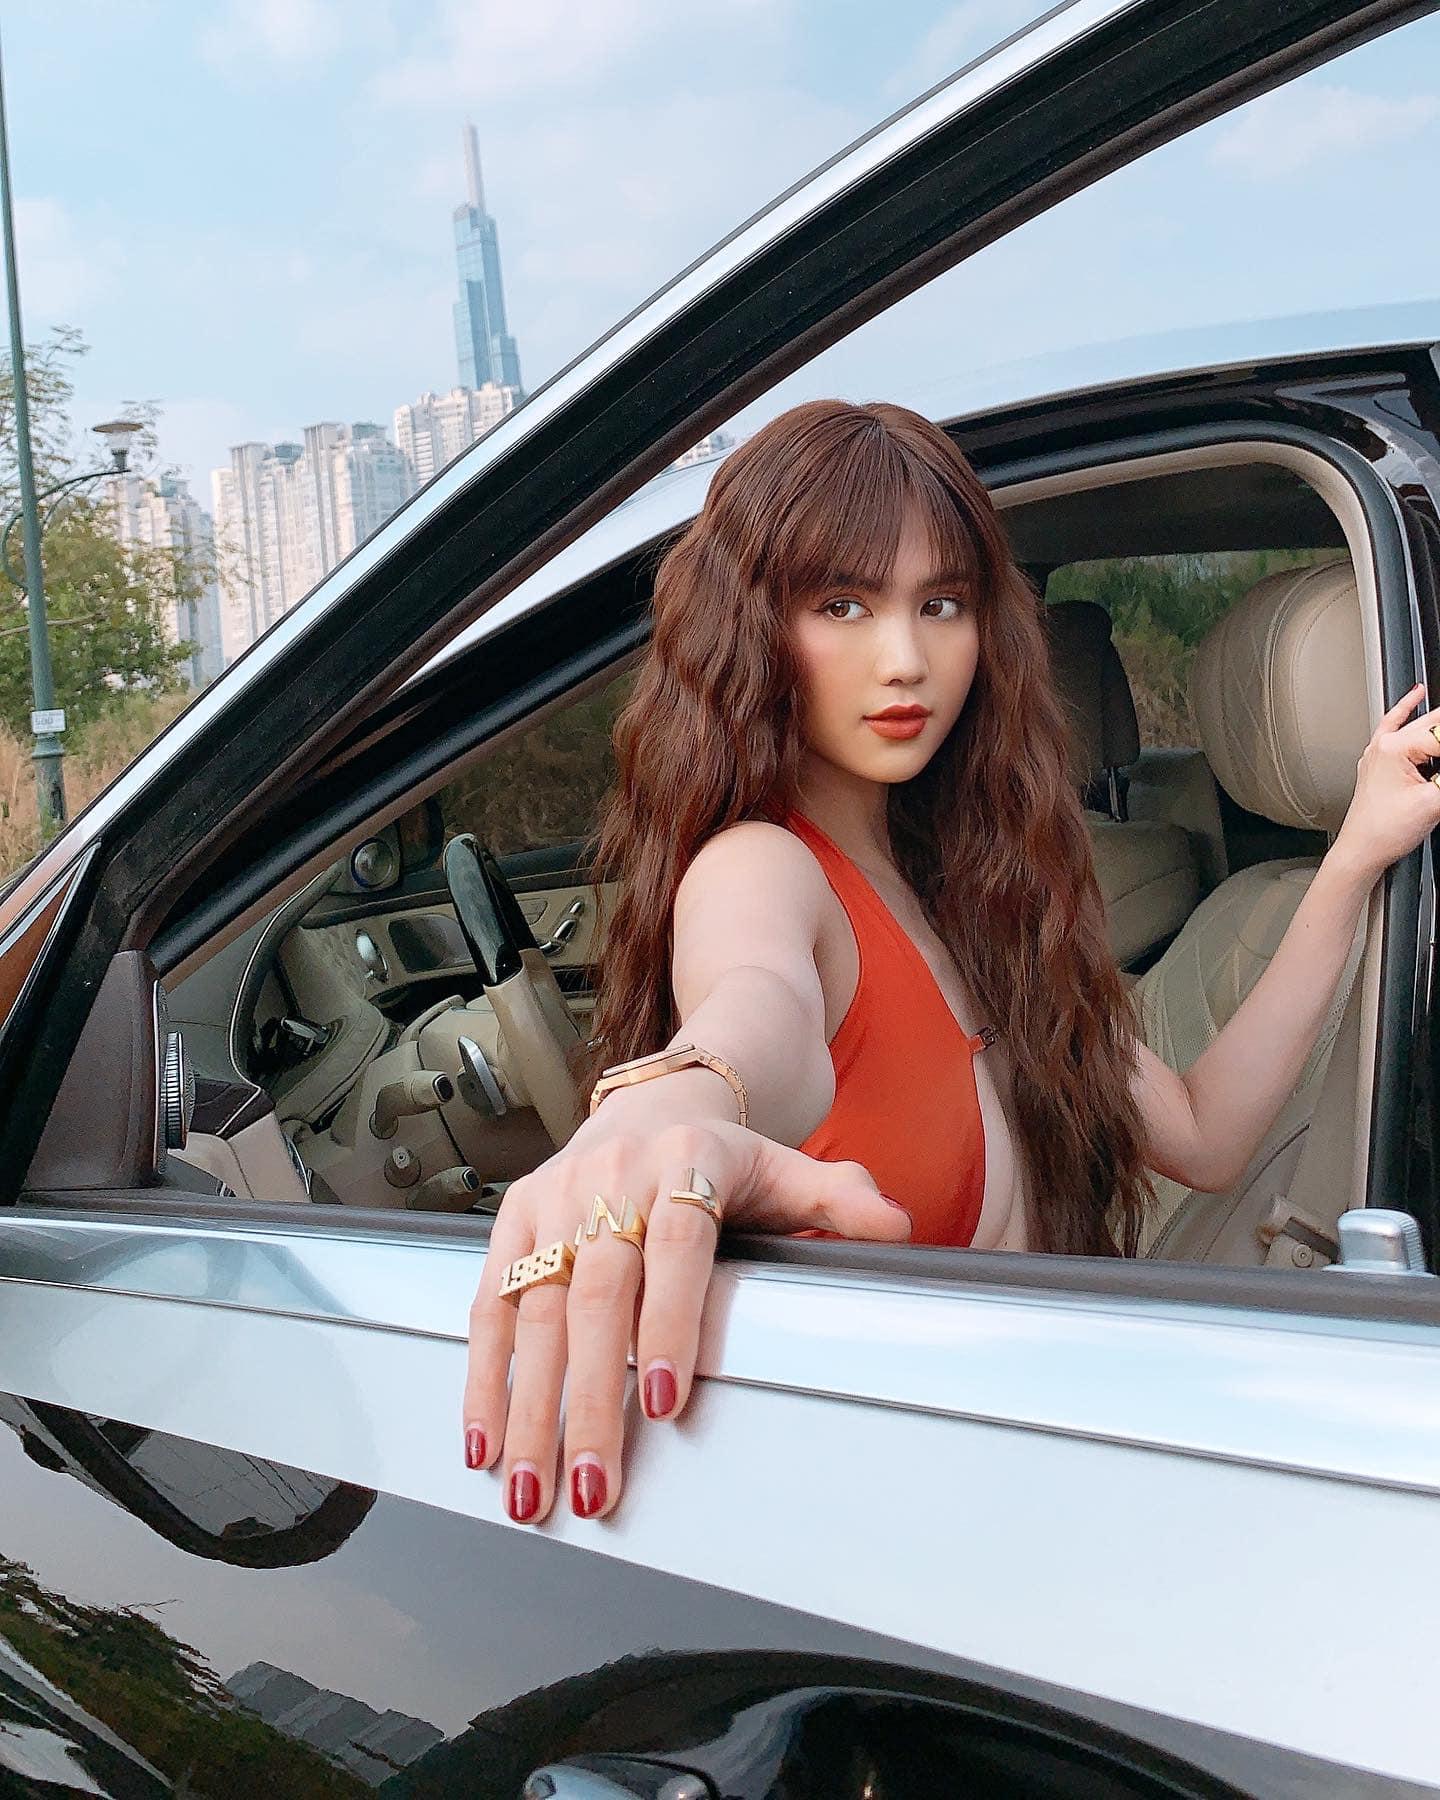 """Để nail hot trend giống Jisoo, Ngọc Trinh lại nhận """"cái kết đắng"""" đến mức phải lên tiếng thanh minh thanh nga tức thì - Ảnh 2."""